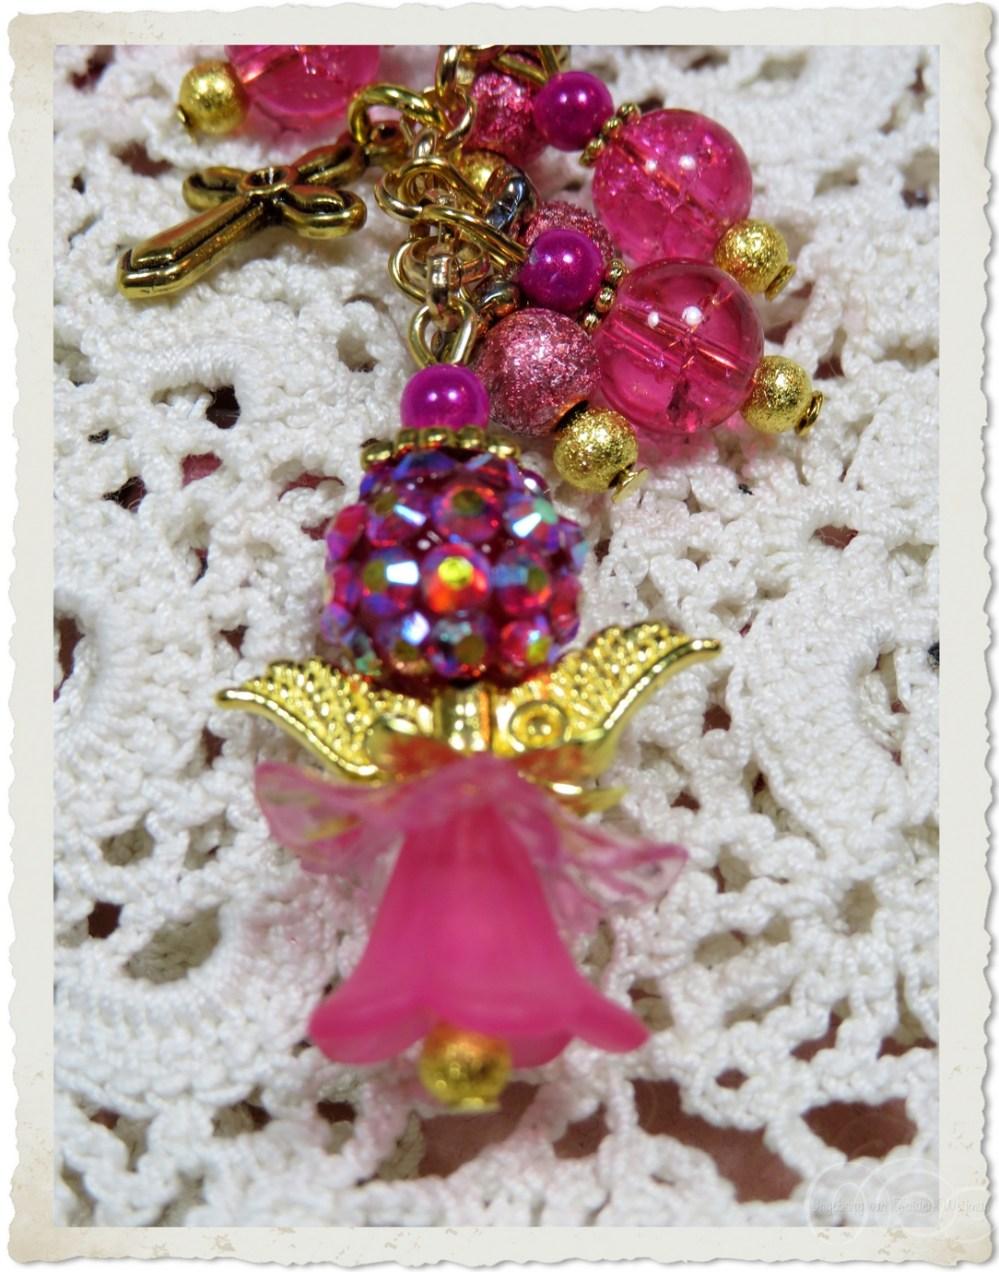 Pink shamballa angel with golden wings by Ingeborg van Zuiden